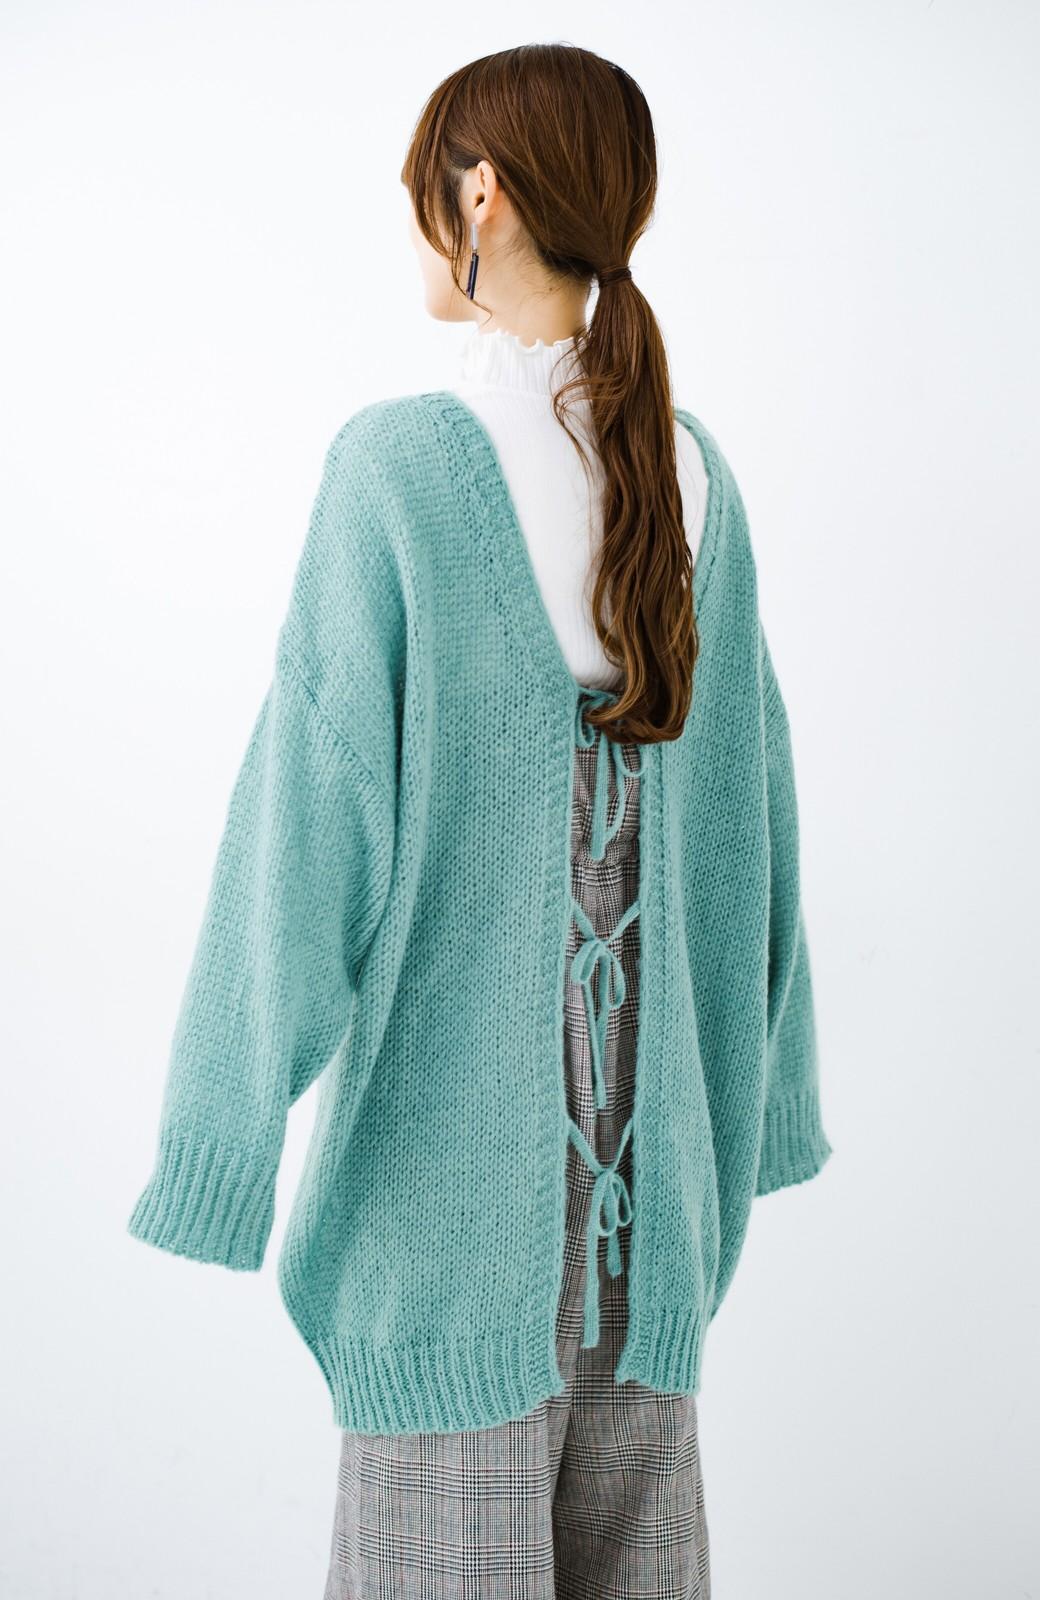 haco! ゆるゆるゆる編みで軽やかにかわいくなれる 前後ろ2WAYカーディガン <ミント>の商品写真7